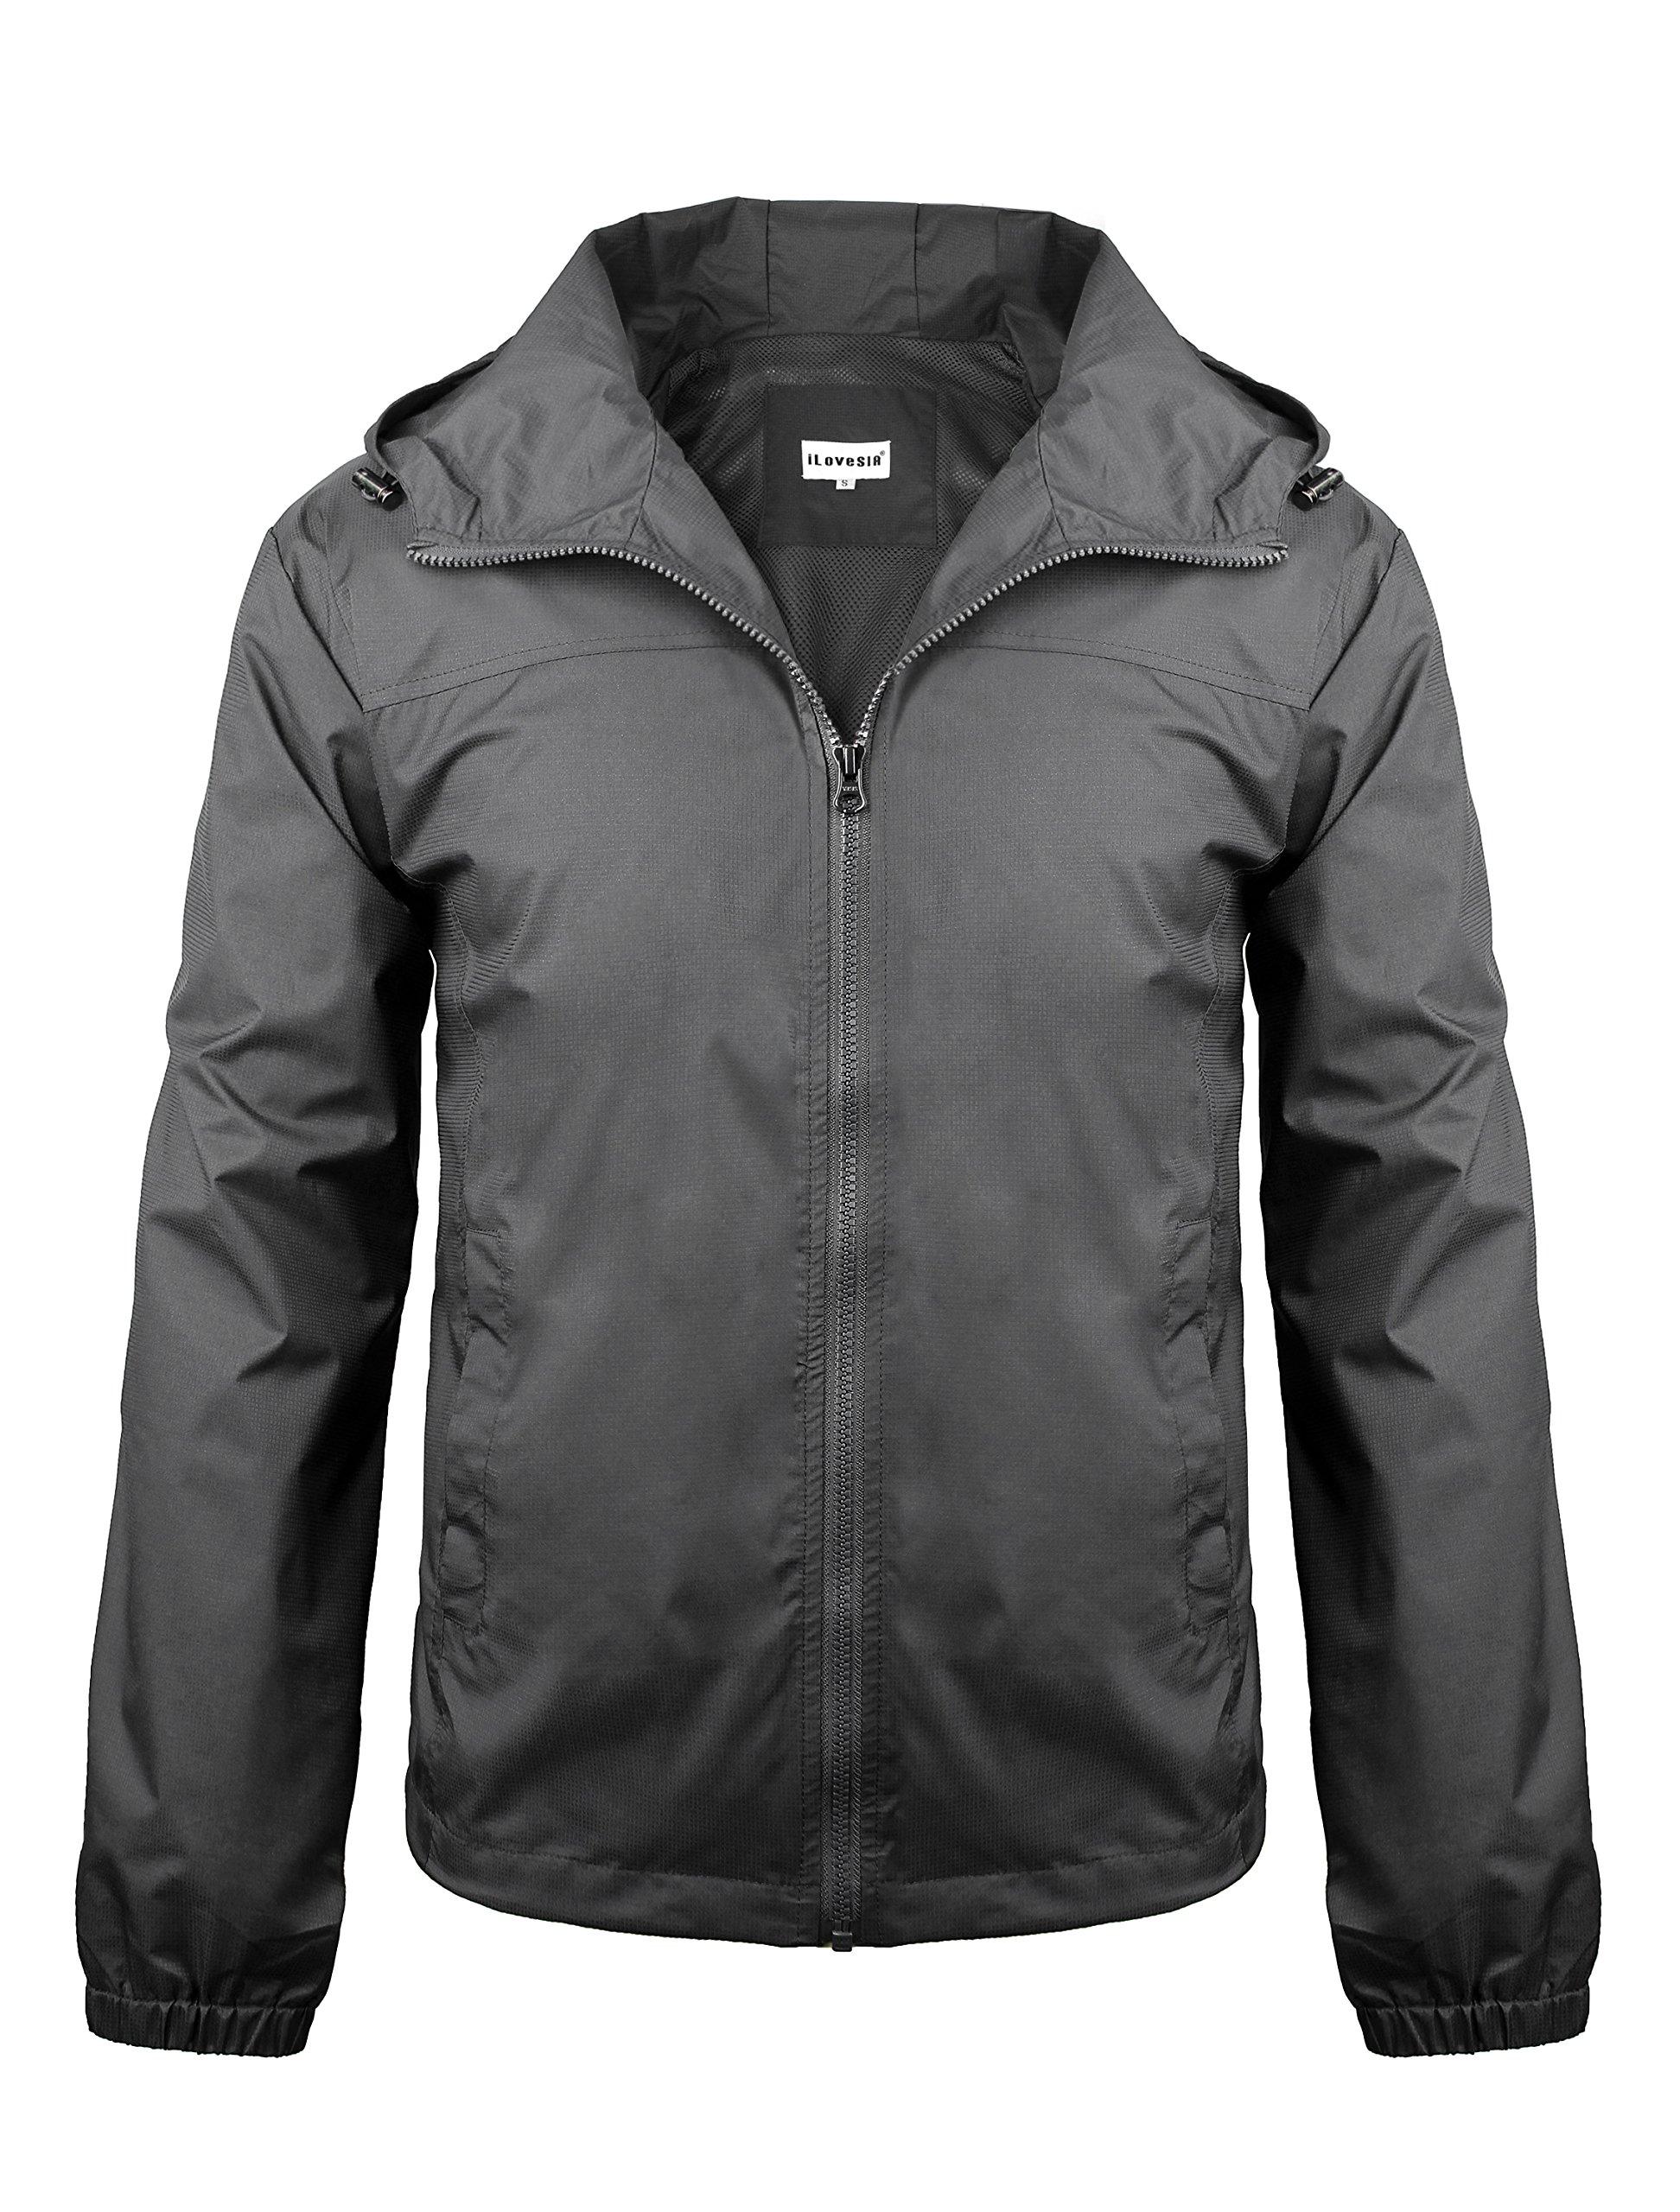 iLoveSIA Men's Lightweight Rain Jacket with Hood Dark Grey Size S by iLoveSIA